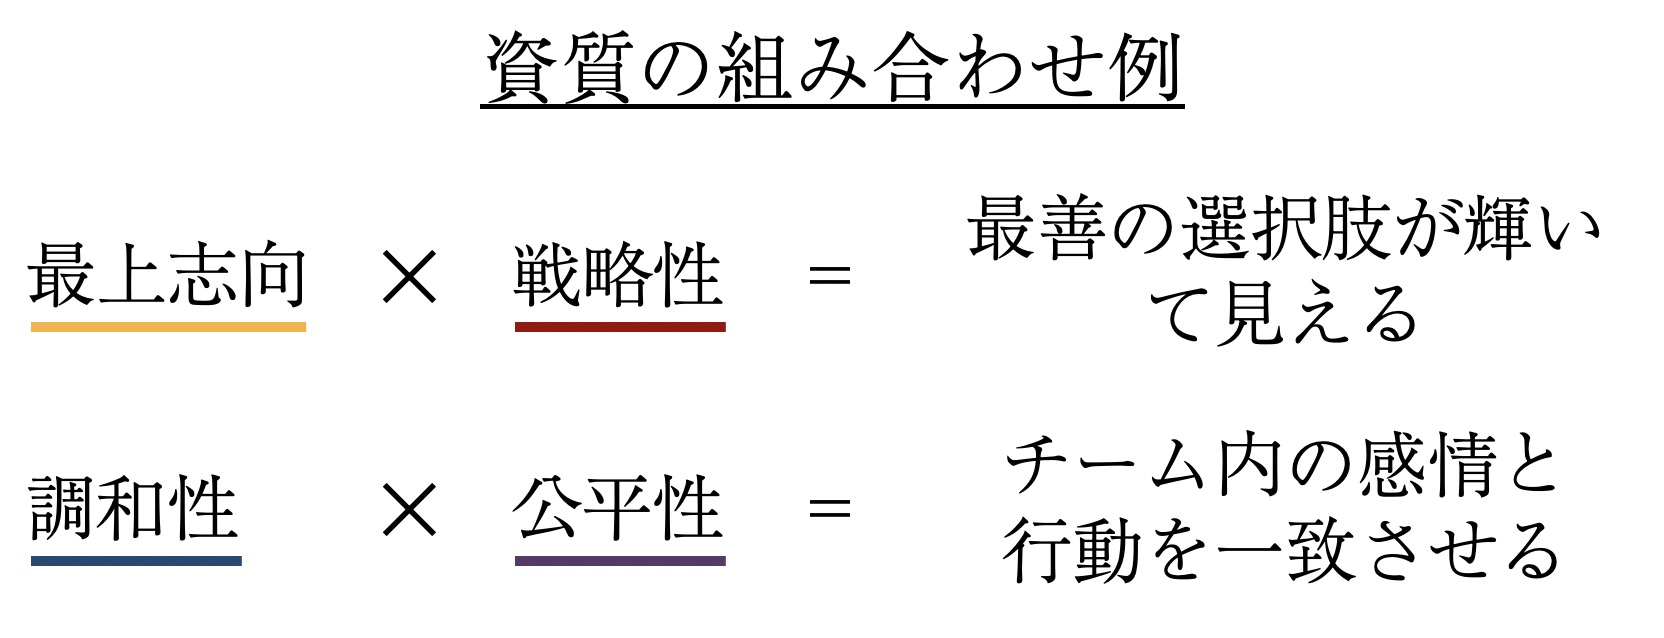 ストレングスファインダー資質の組み合わせ例